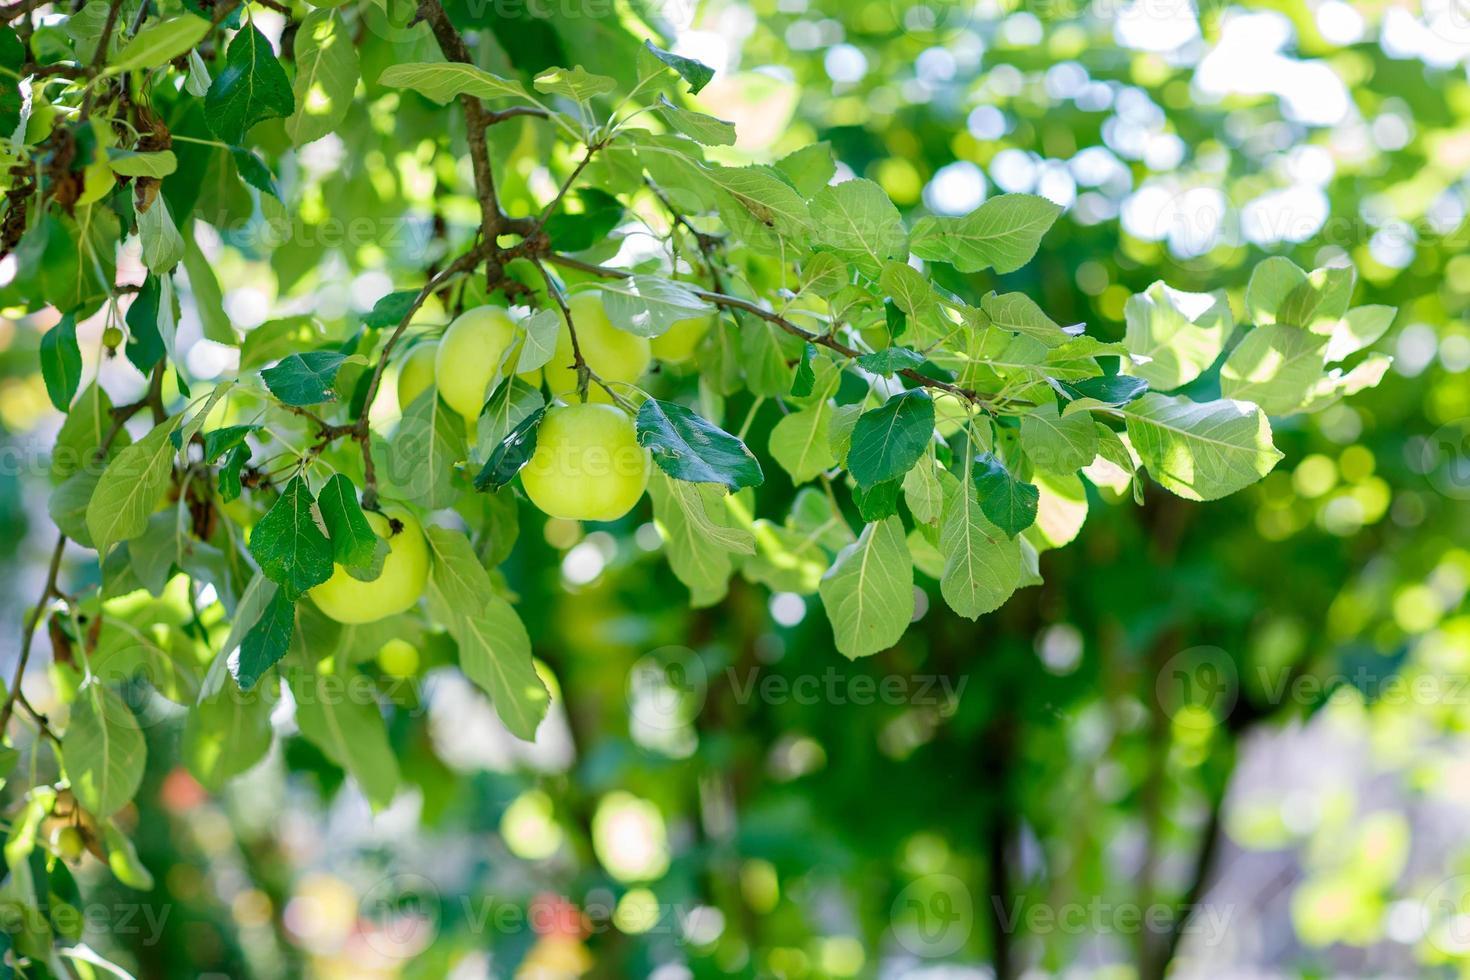 manzanas verdes en una rama lista para ser cosechada, al aire libre foto